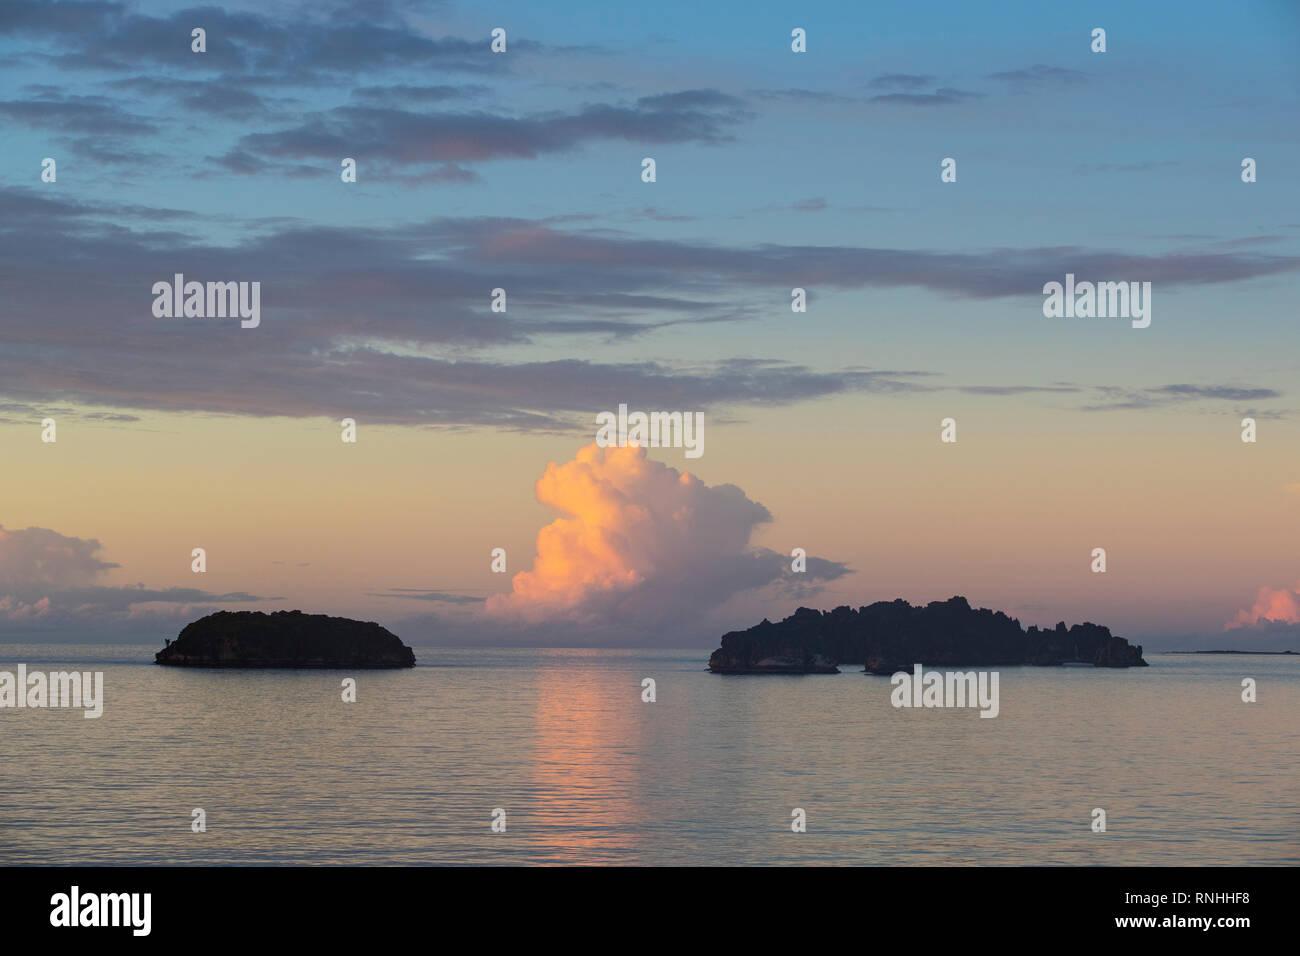 Sunset on islands of Nosy Hara, Madagascar - Stock Image